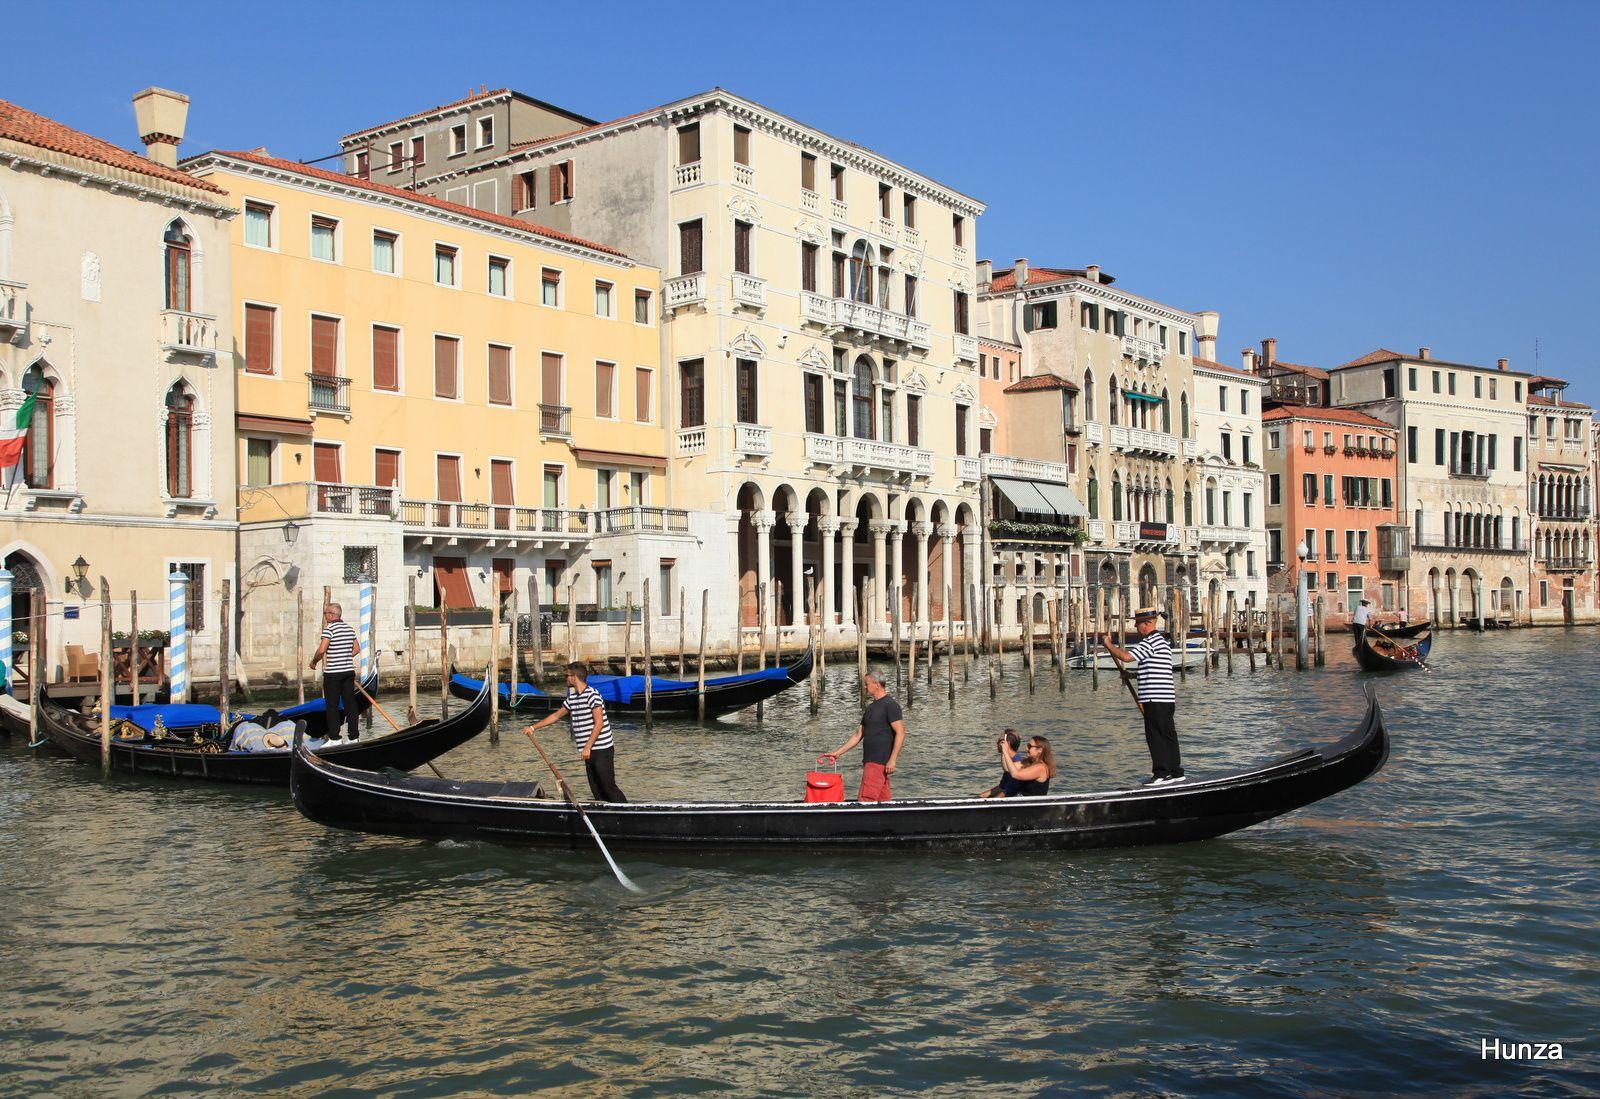 Un traghetto traverse le Grand Canal avec, en arrière-plan, le palais Michiel delle Colonne